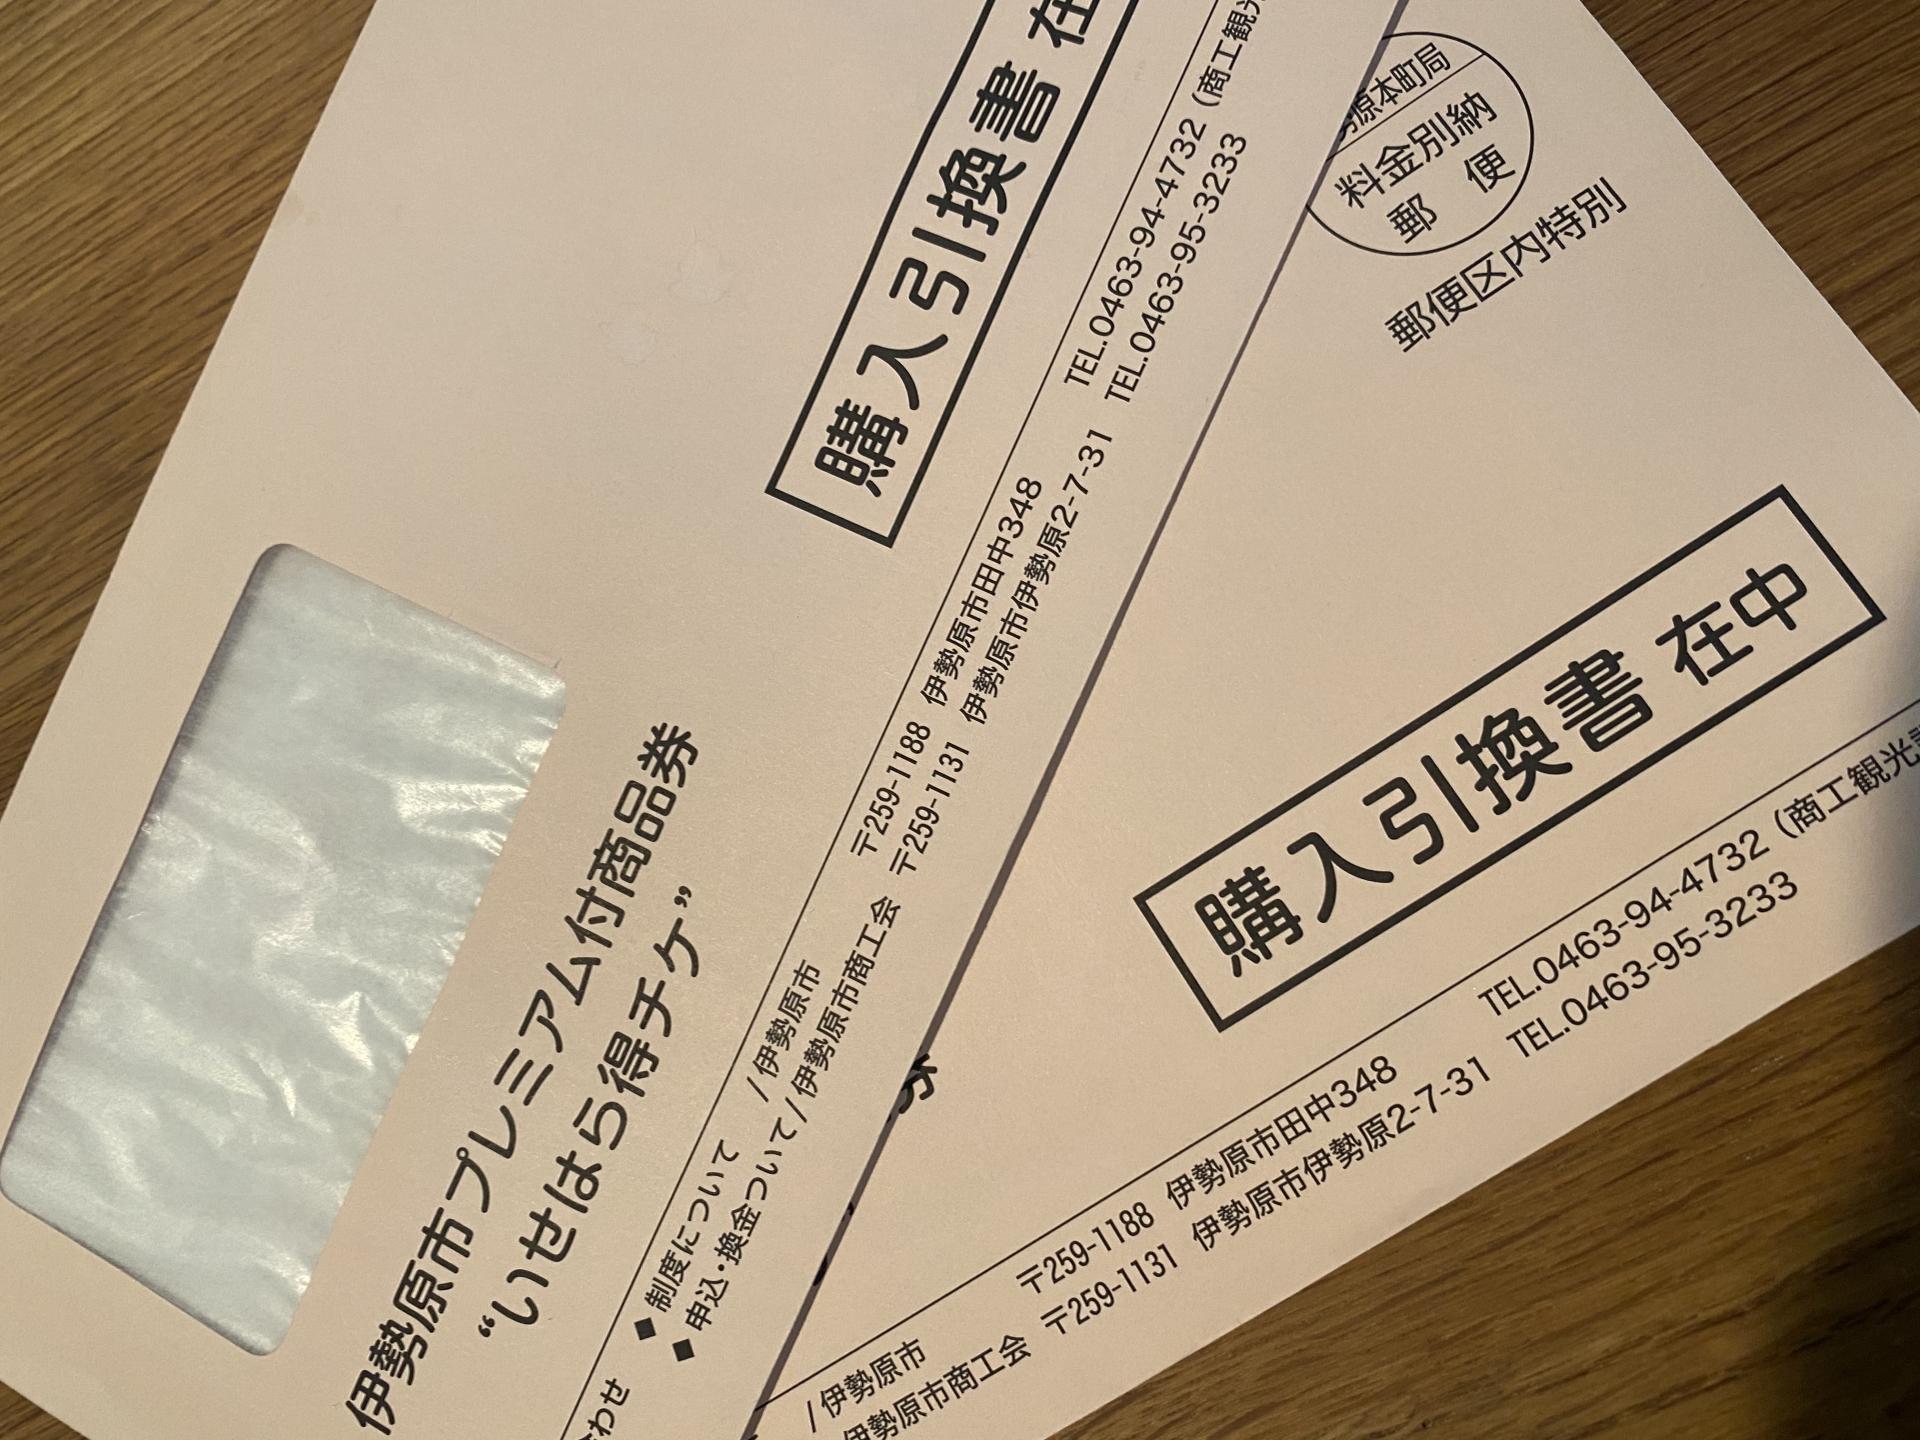 【180】 プレミアム商品券